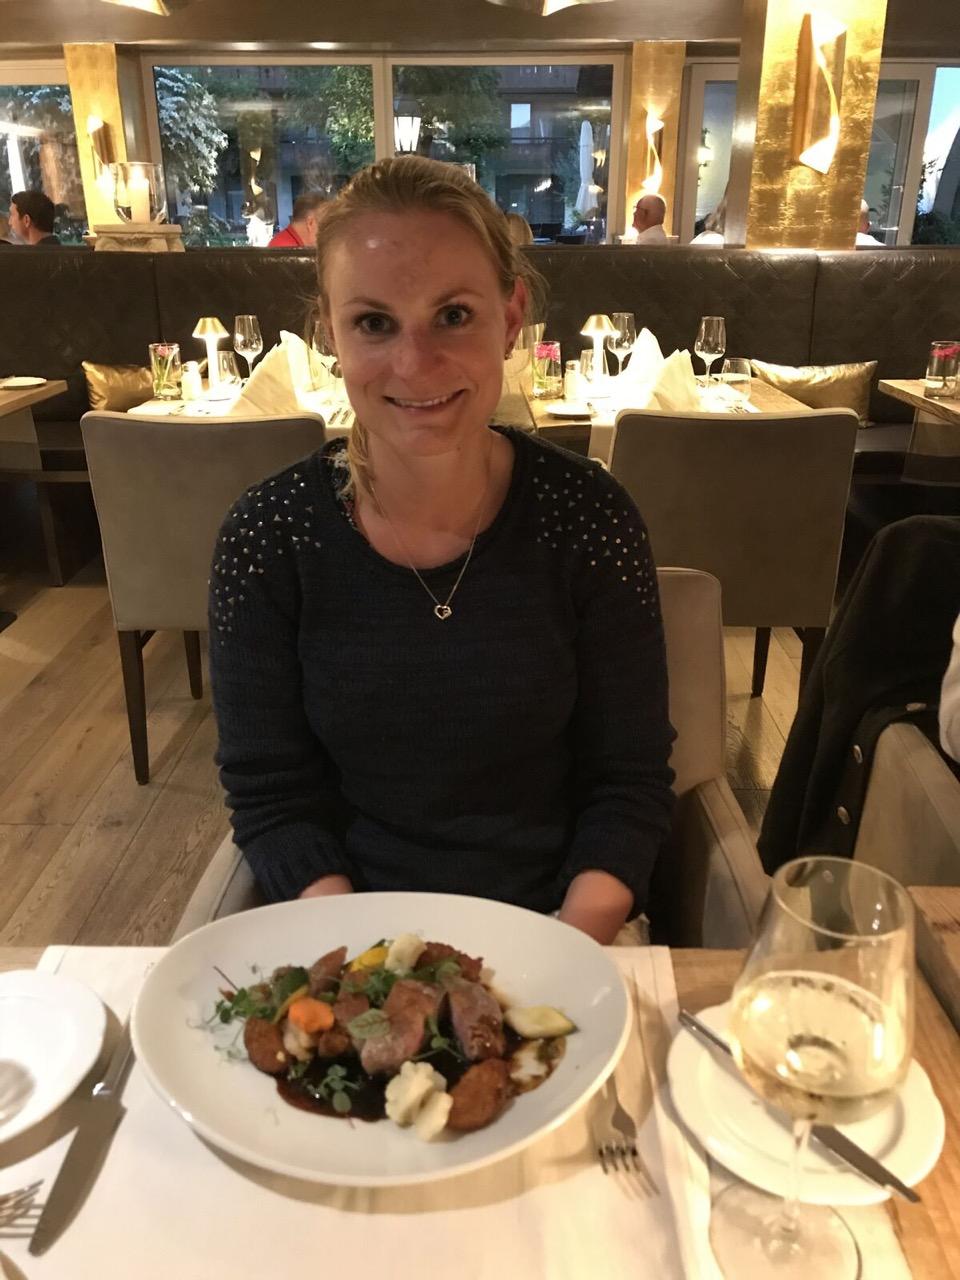 Teri_ 04_dinner_bavaria_Georg&Elise_spiritedtable_photo06.jpg